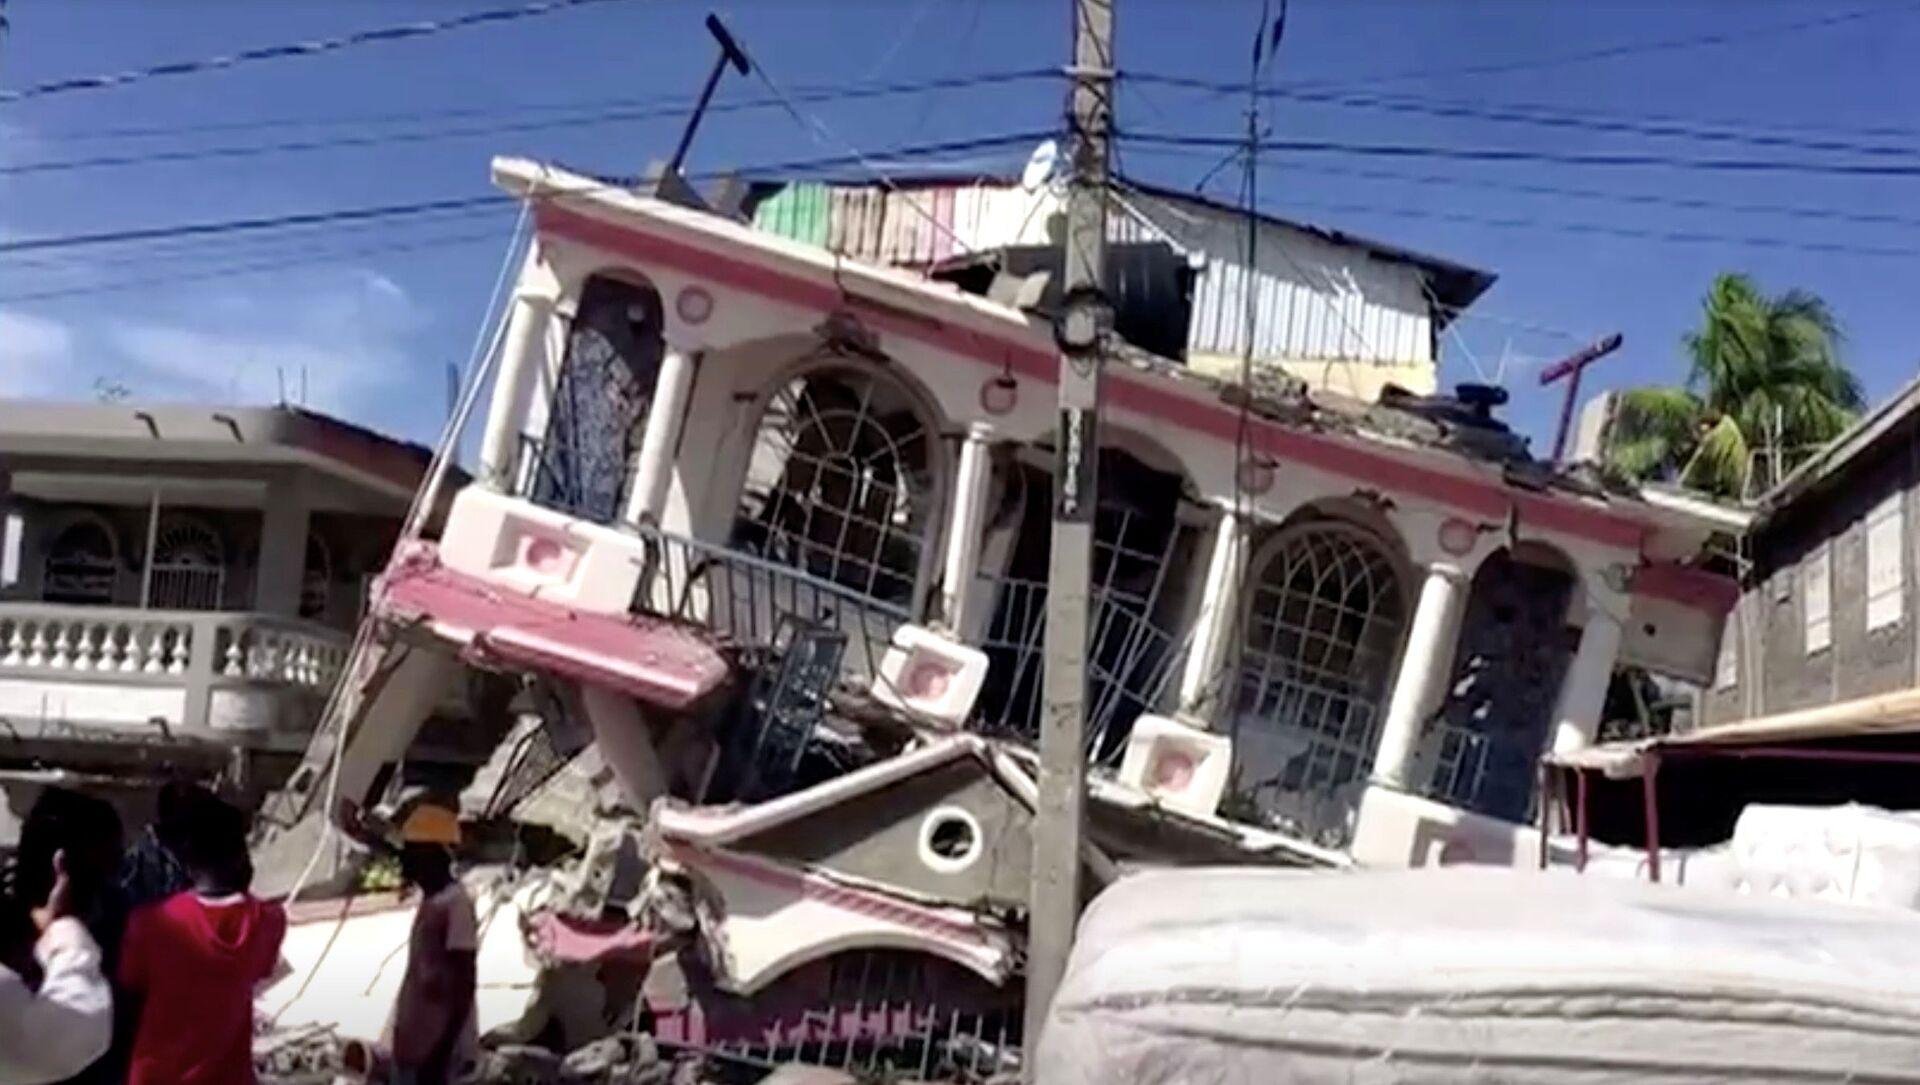 Conséquences du séisme du 14 août 2021 en Haïti - Sputnik France, 1920, 16.08.2021